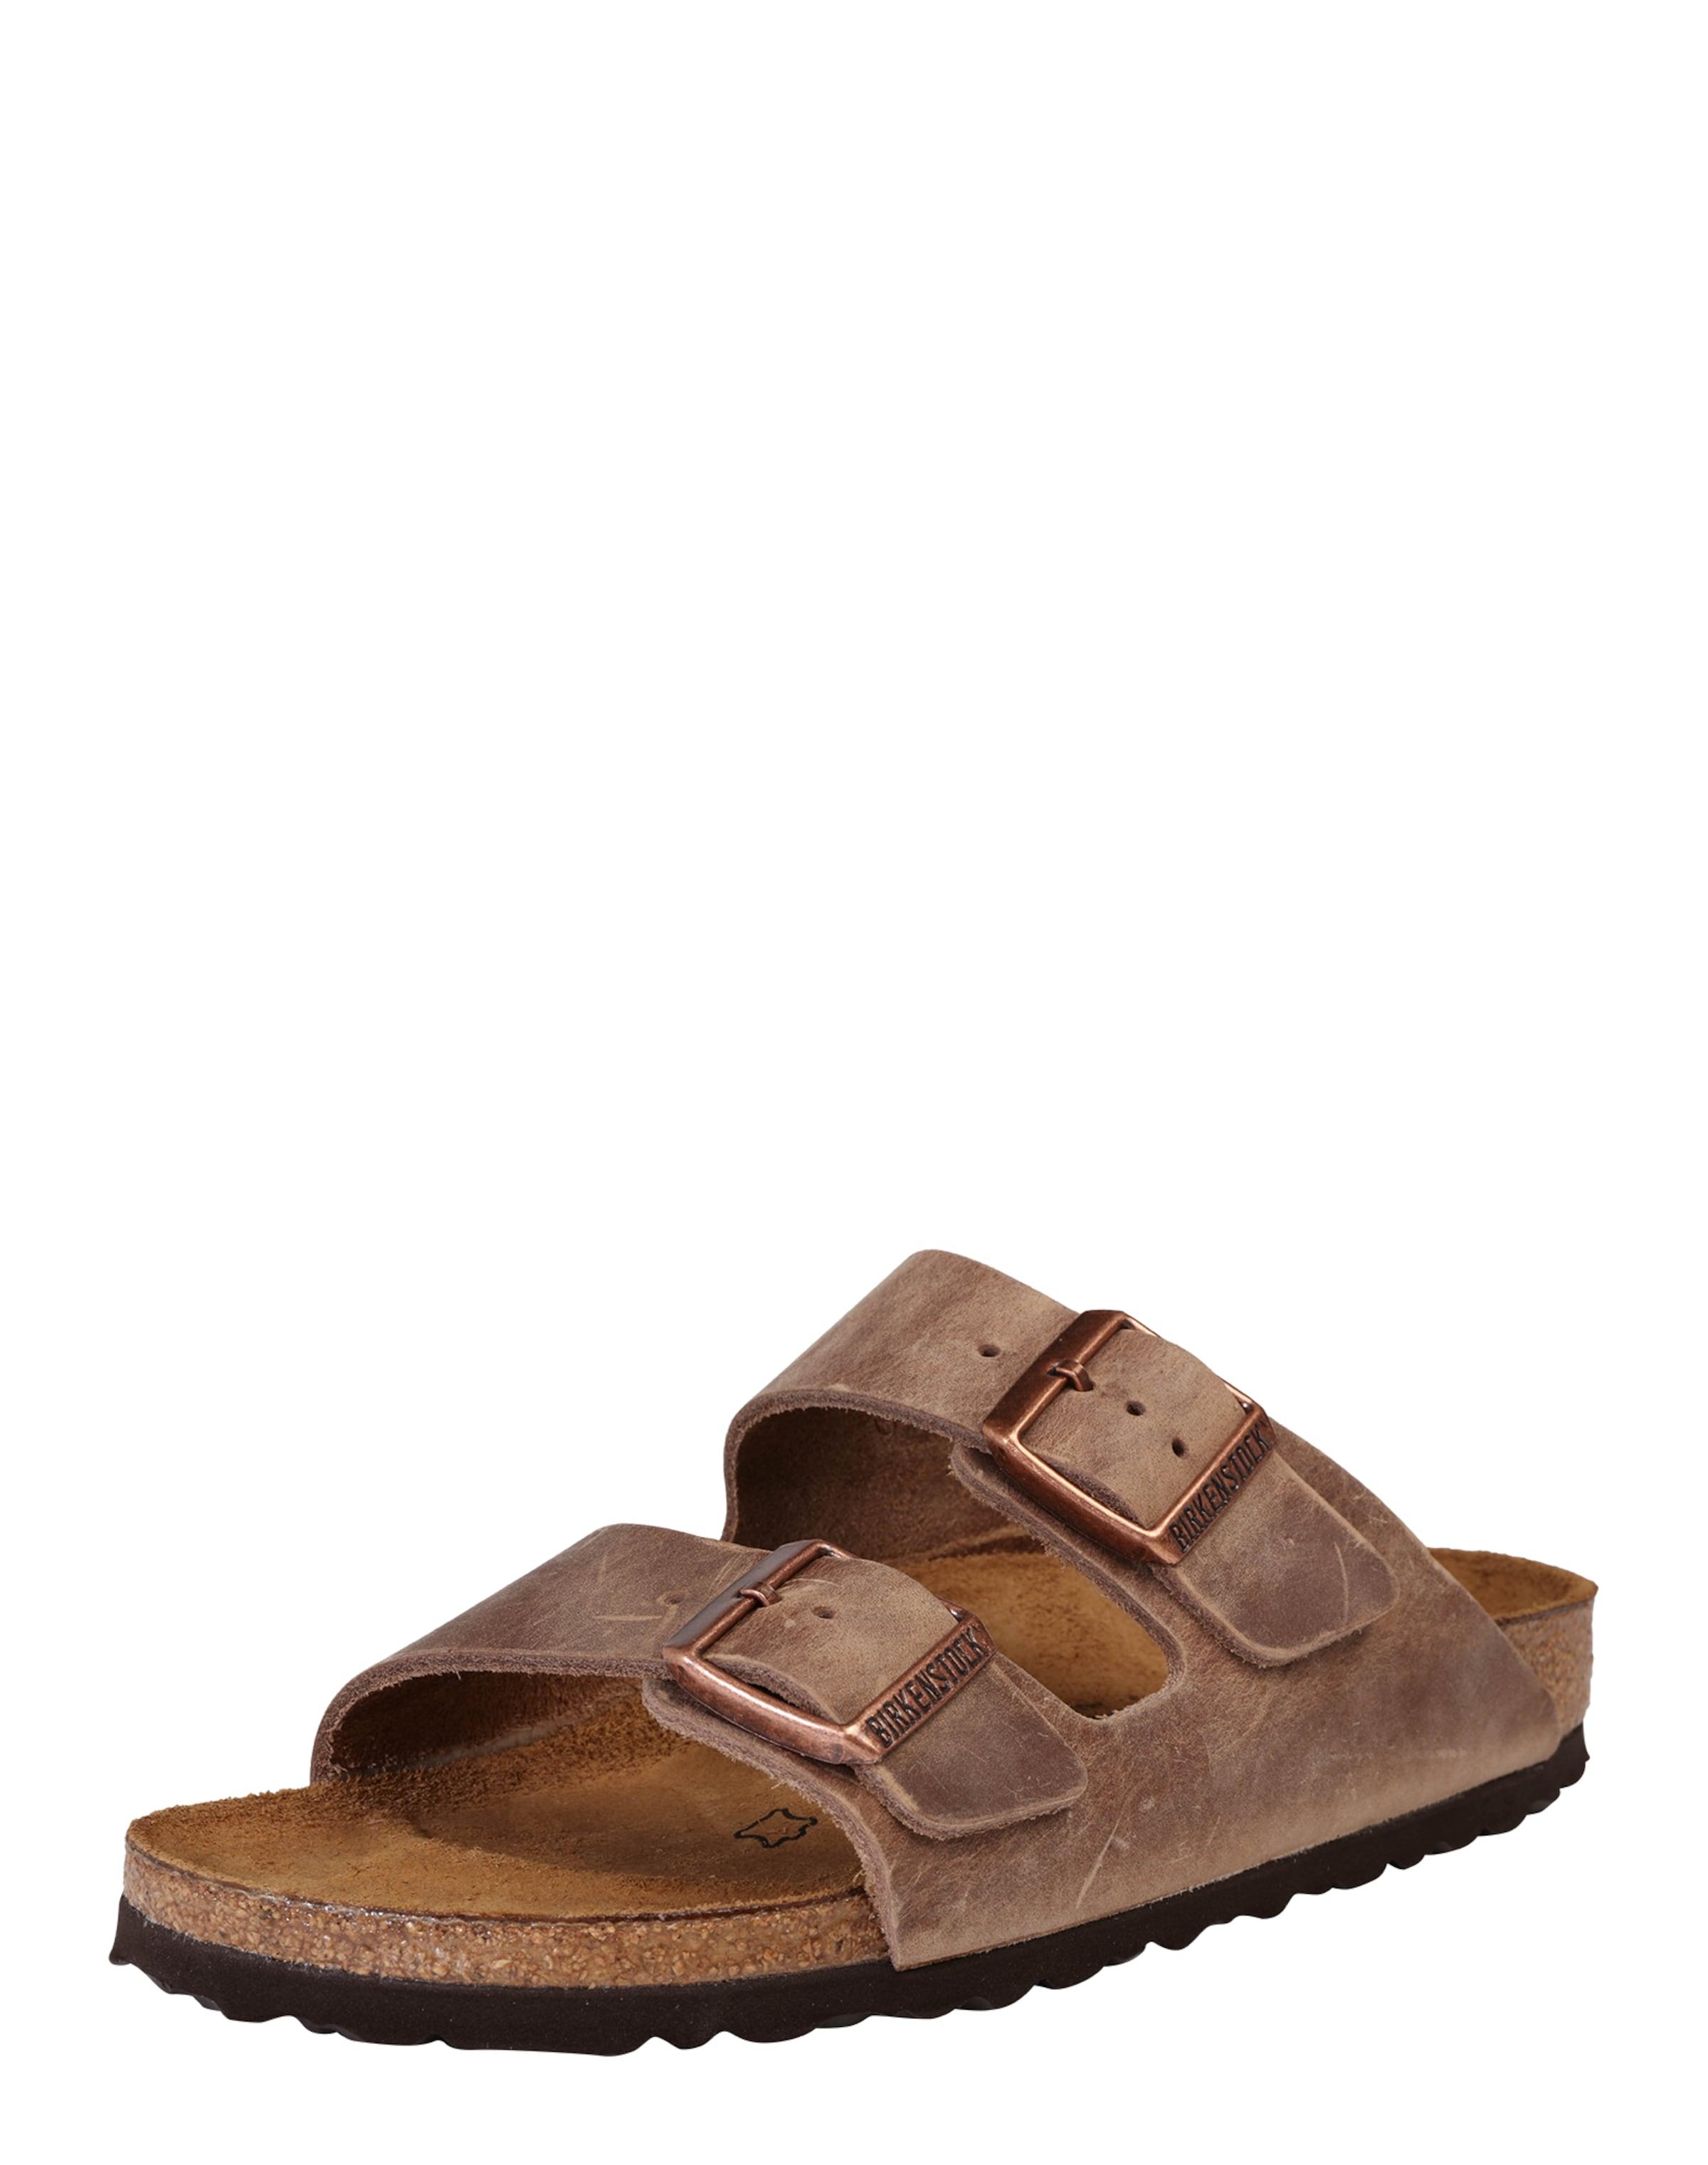 BIRKENSTOCK Sandale  Arizona  Schmal